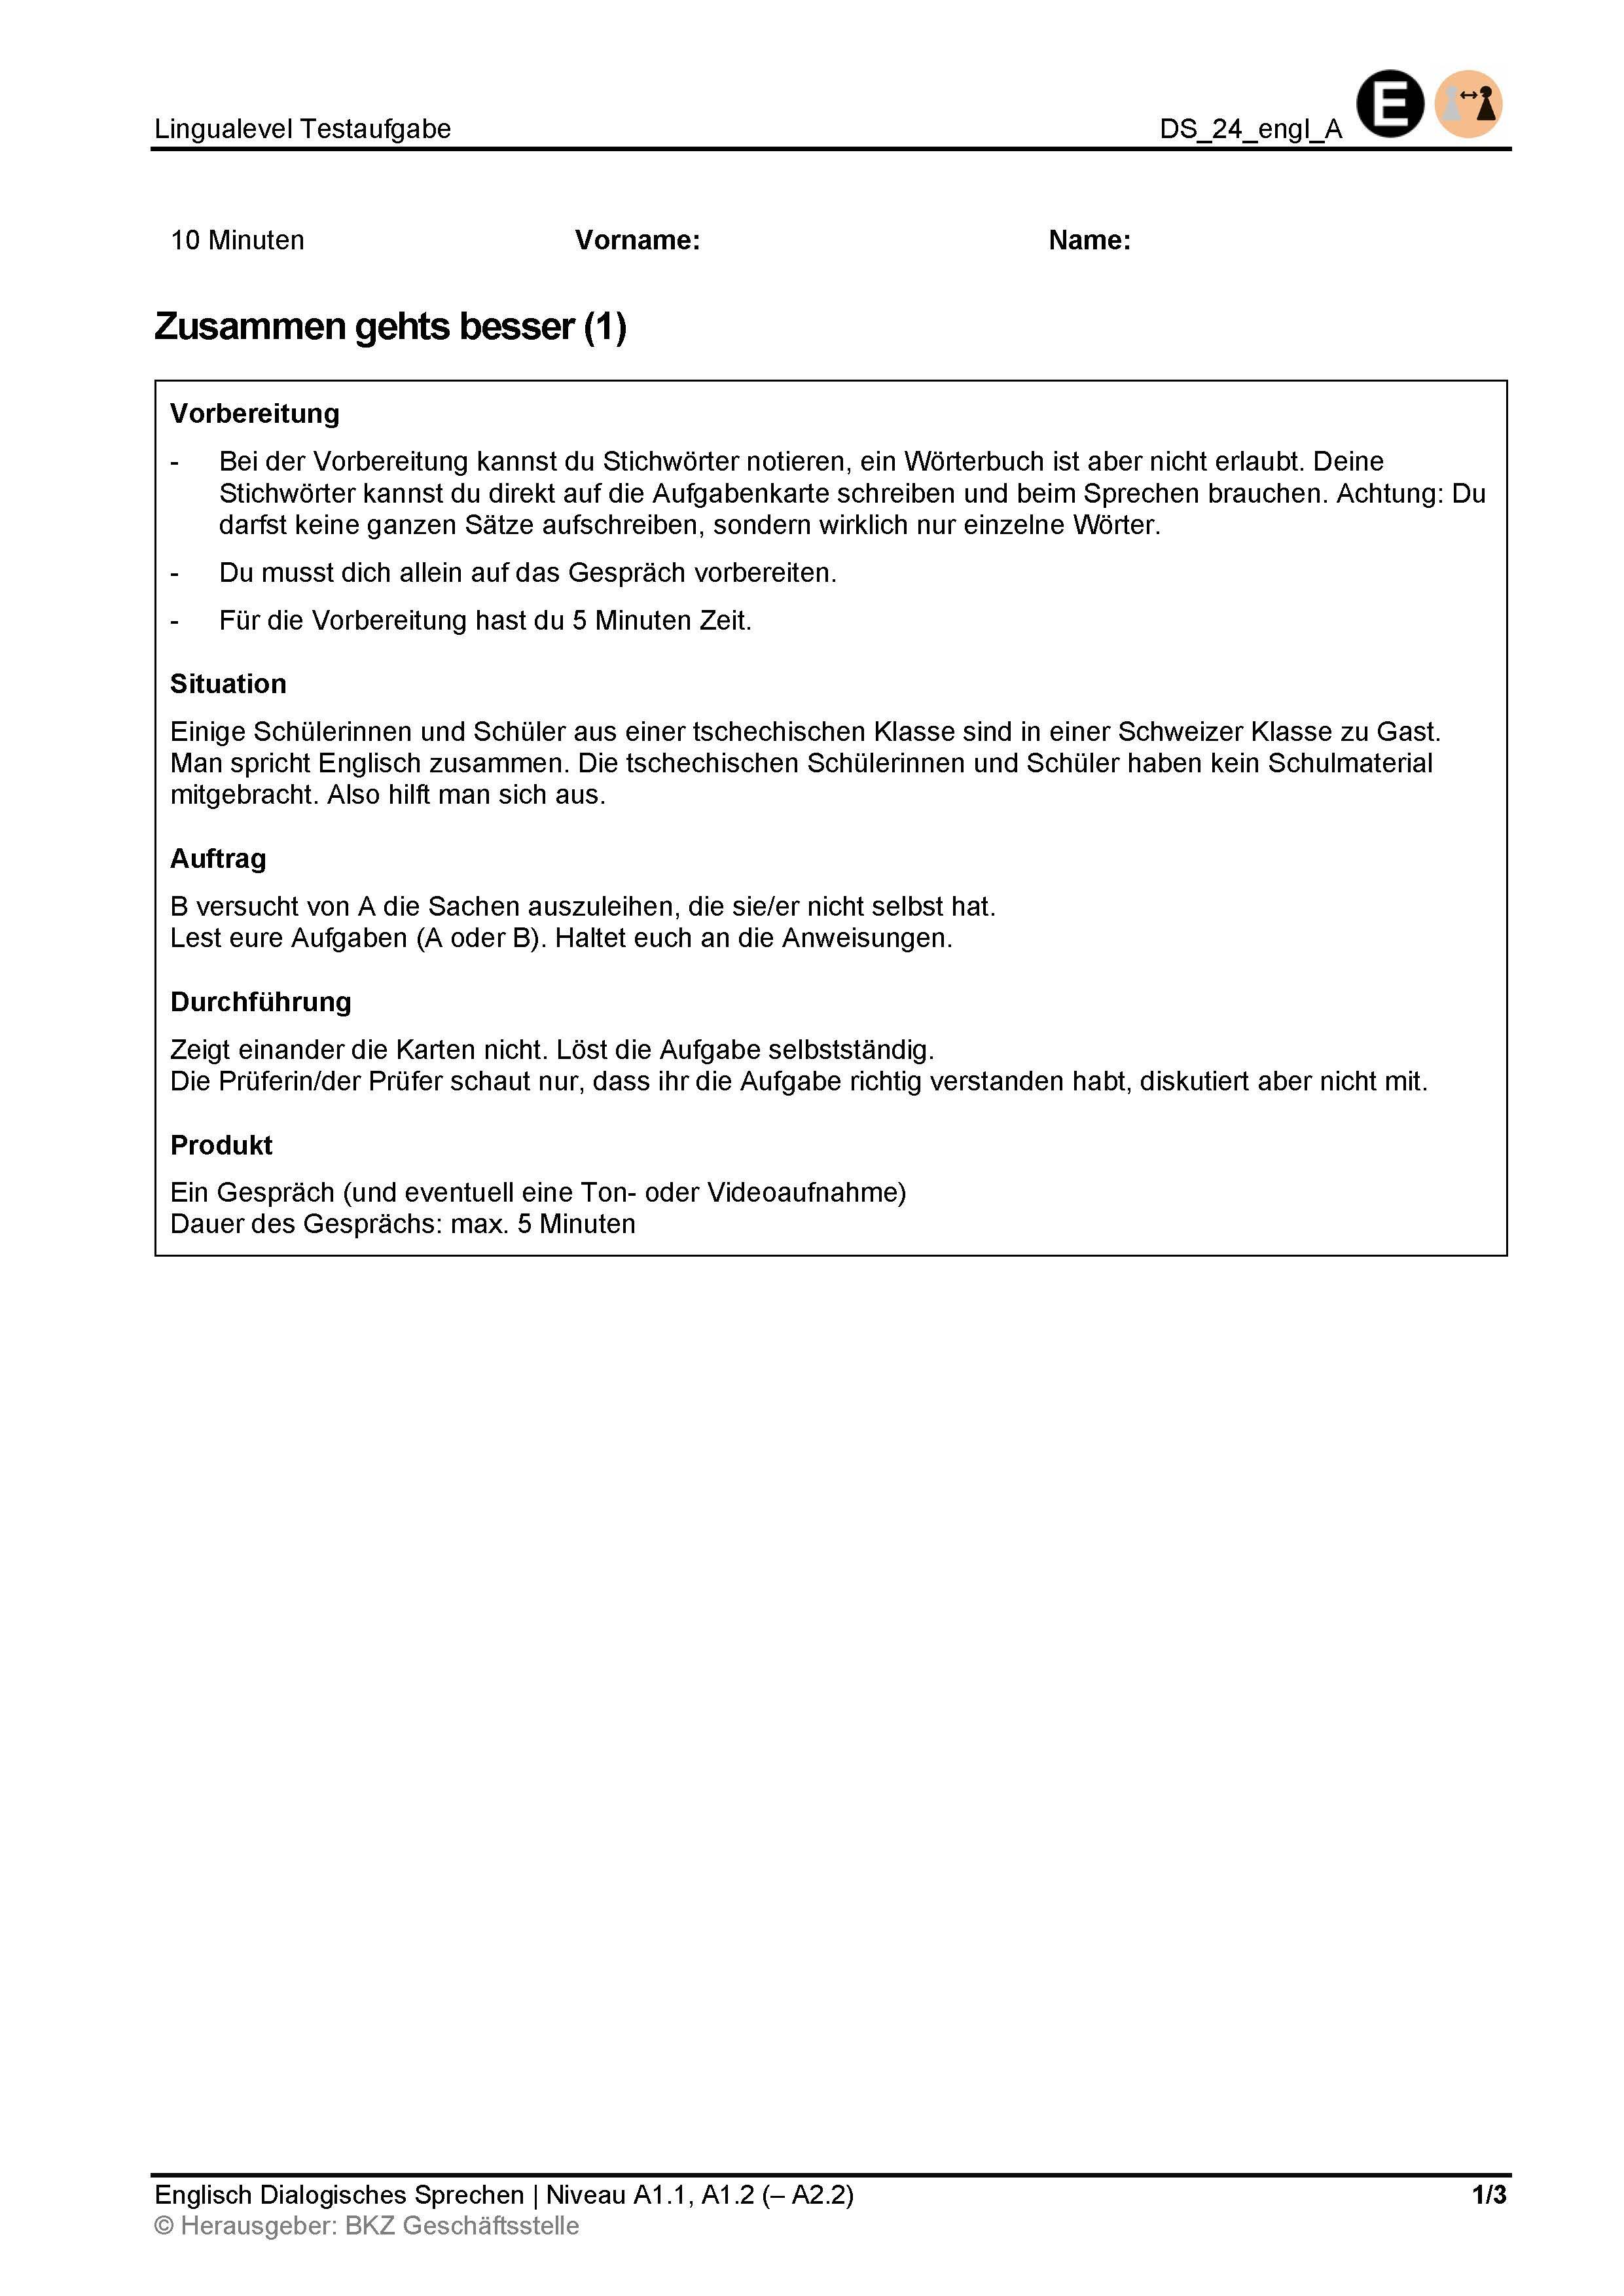 Preview image for LOM object Dialogisches Sprechen: Zusammen gehts besser (1)